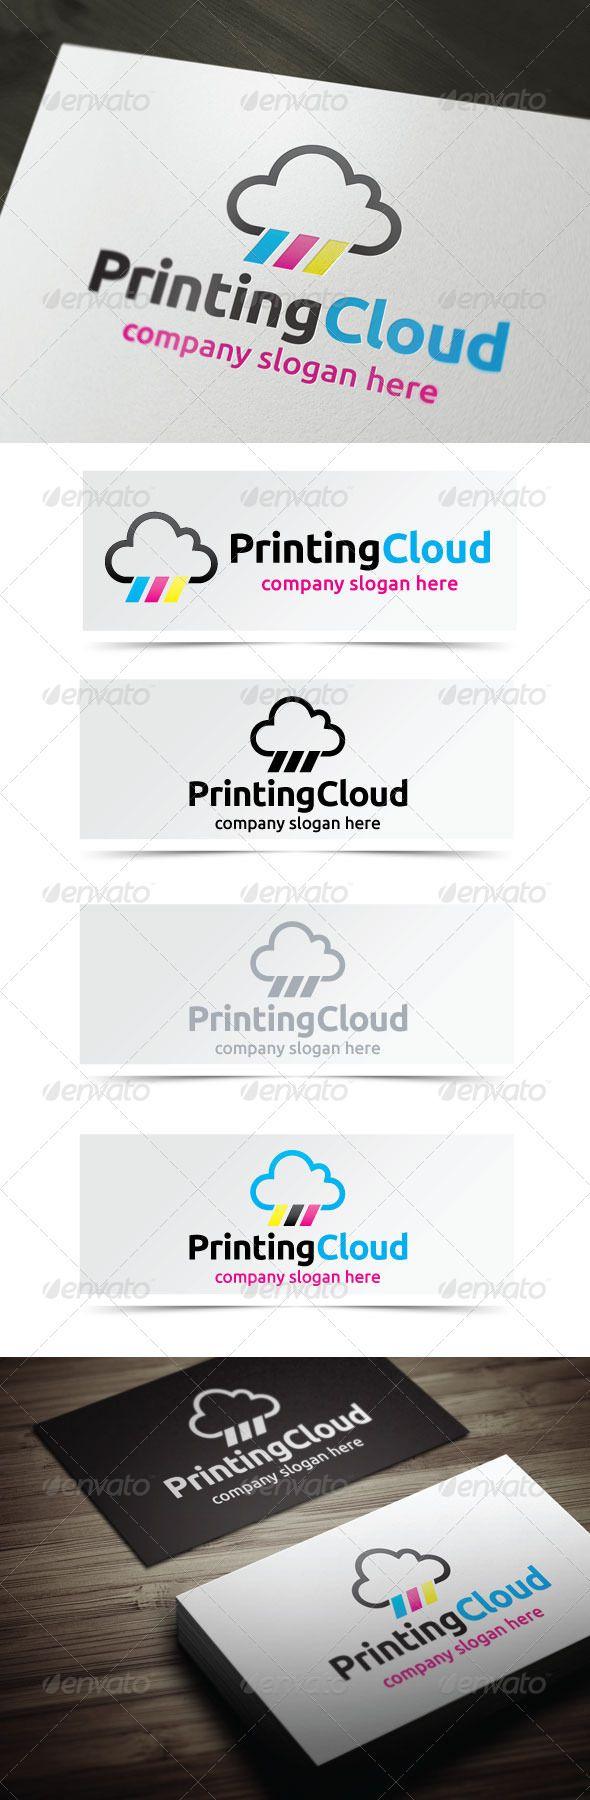 Printing Cloud Logo templates, Vector logo, Logo design